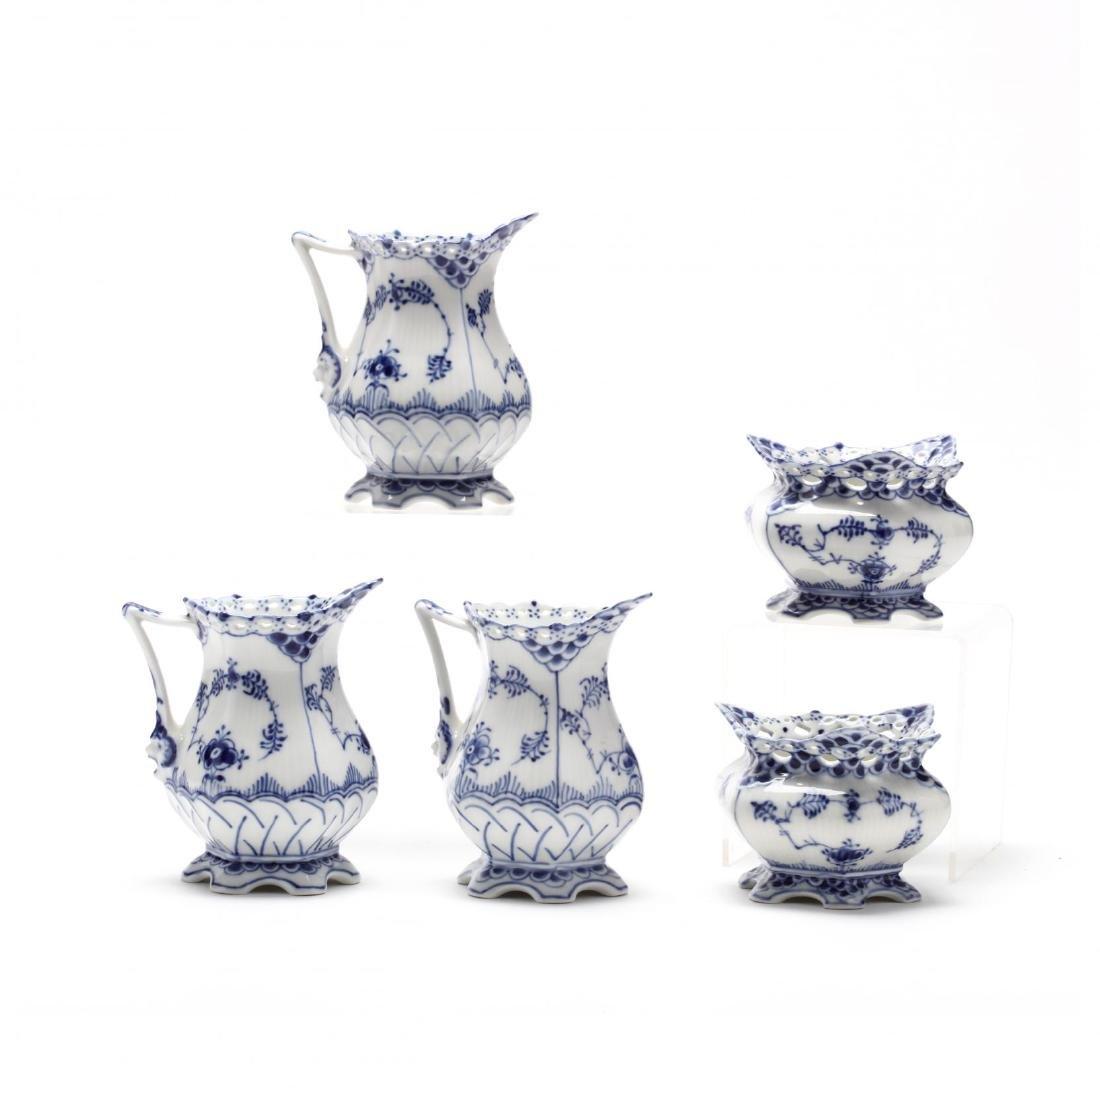 An Assembled Set of Royal Copenhagen Fluted Lace - 5